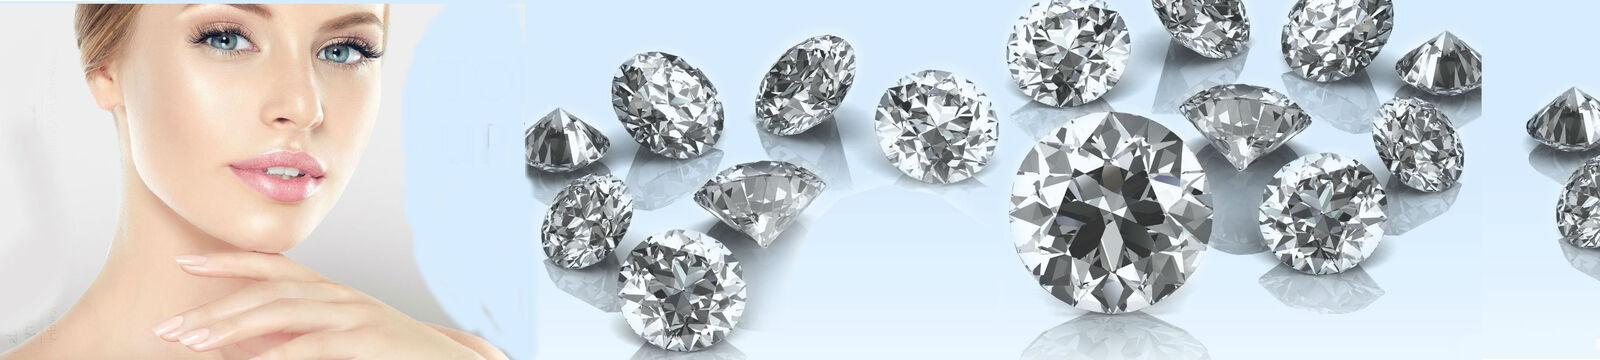 earthdiamondsjewelry